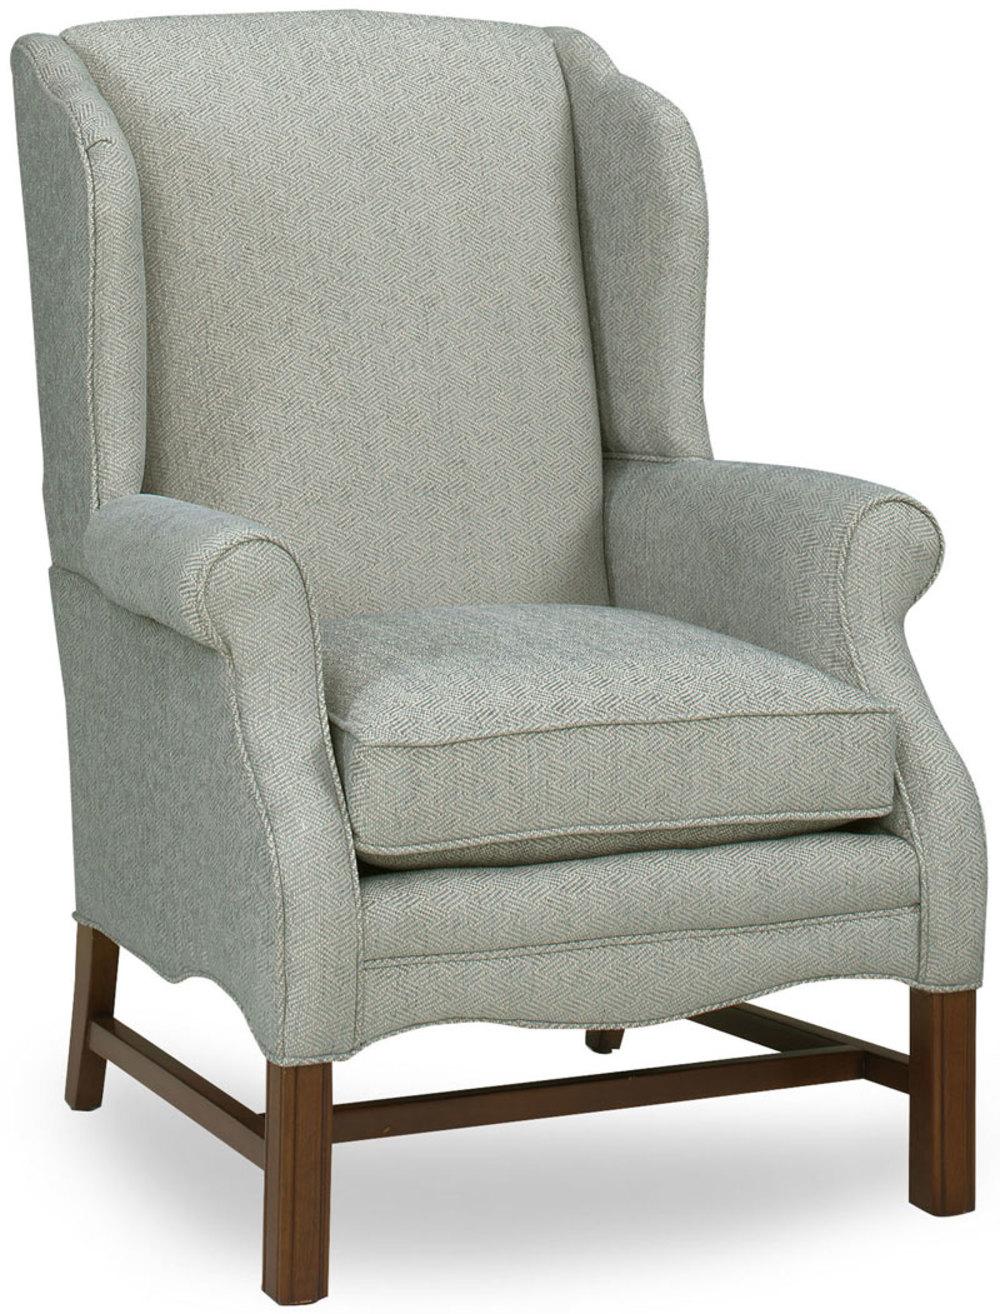 Temple Furniture - Carmel Chair